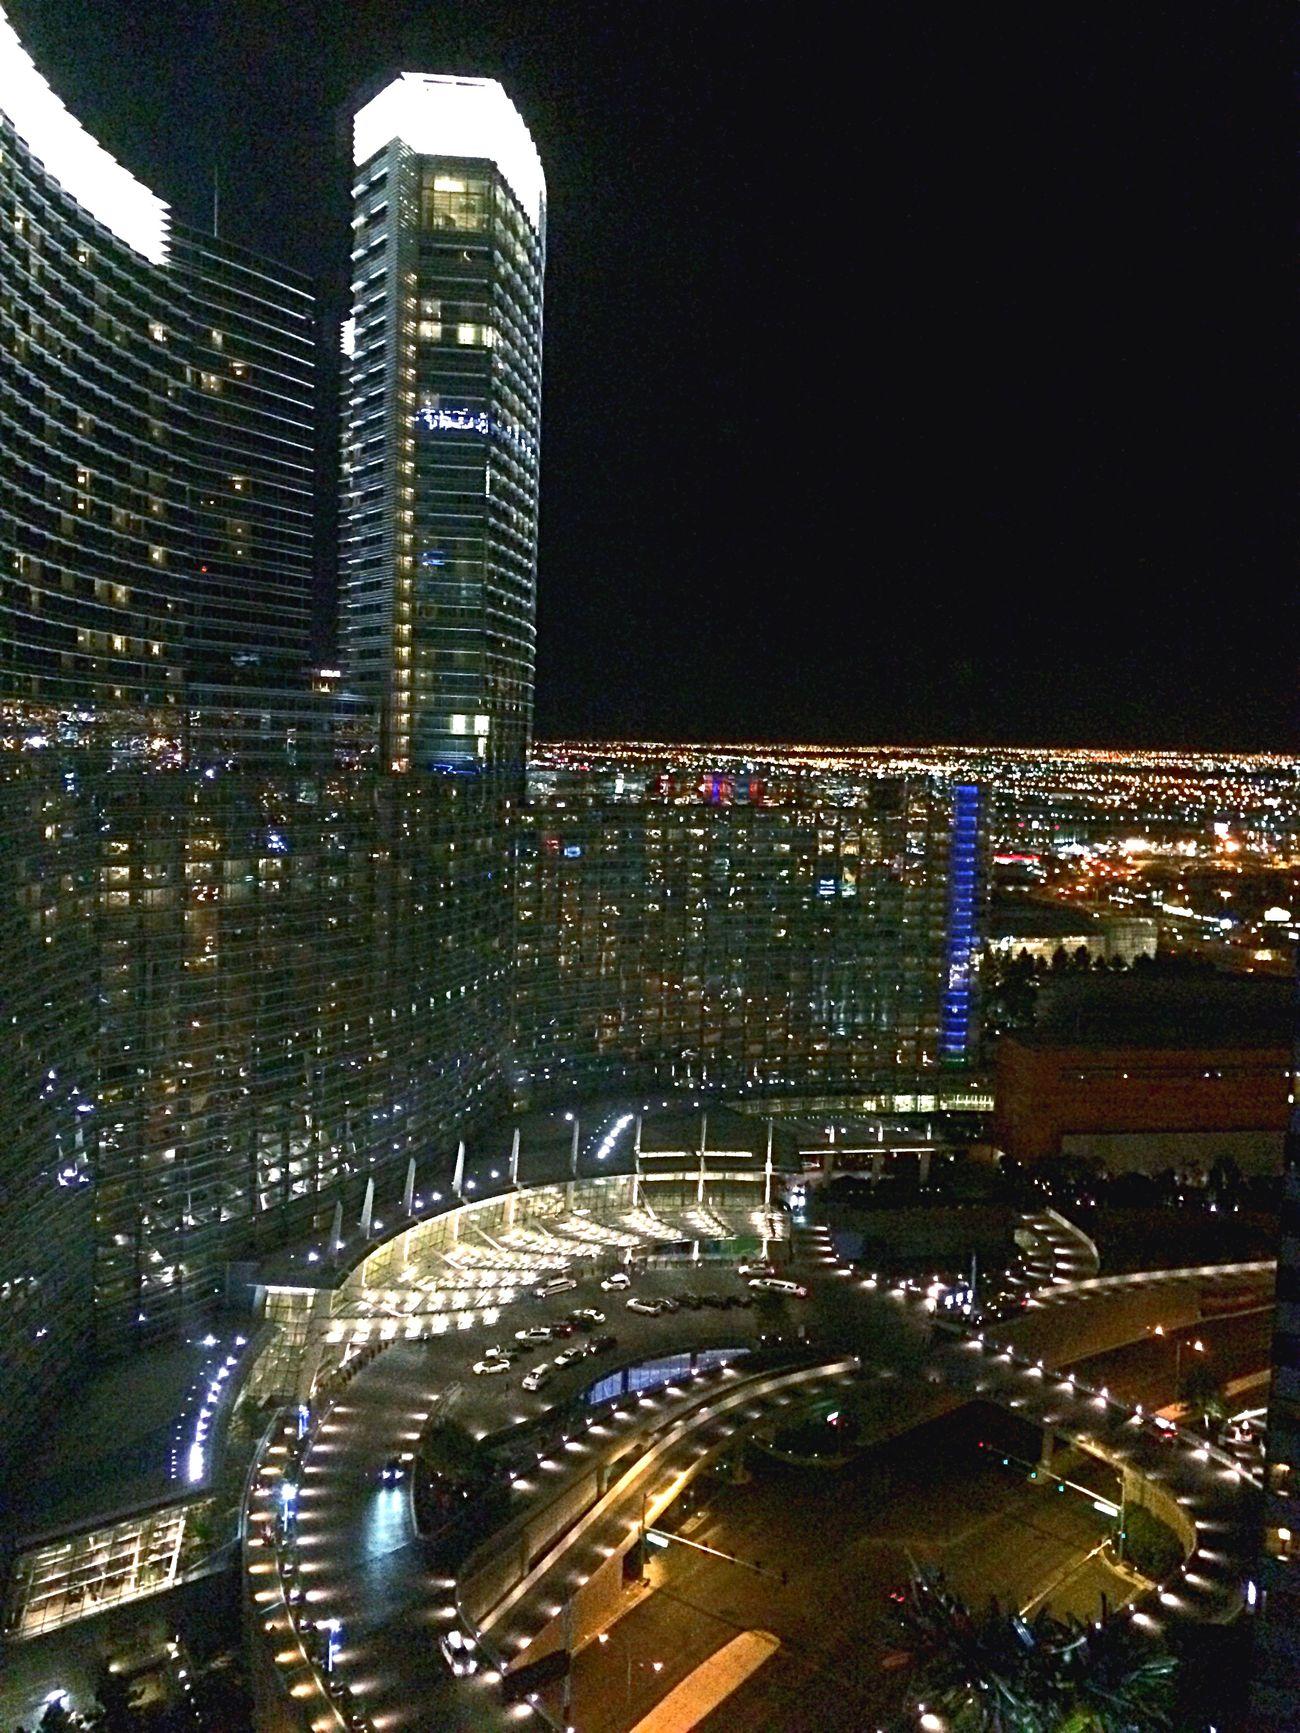 夜 コスモポリタン ラスベガス ホテル 34階 からの 夜景 光 ライド 明るい